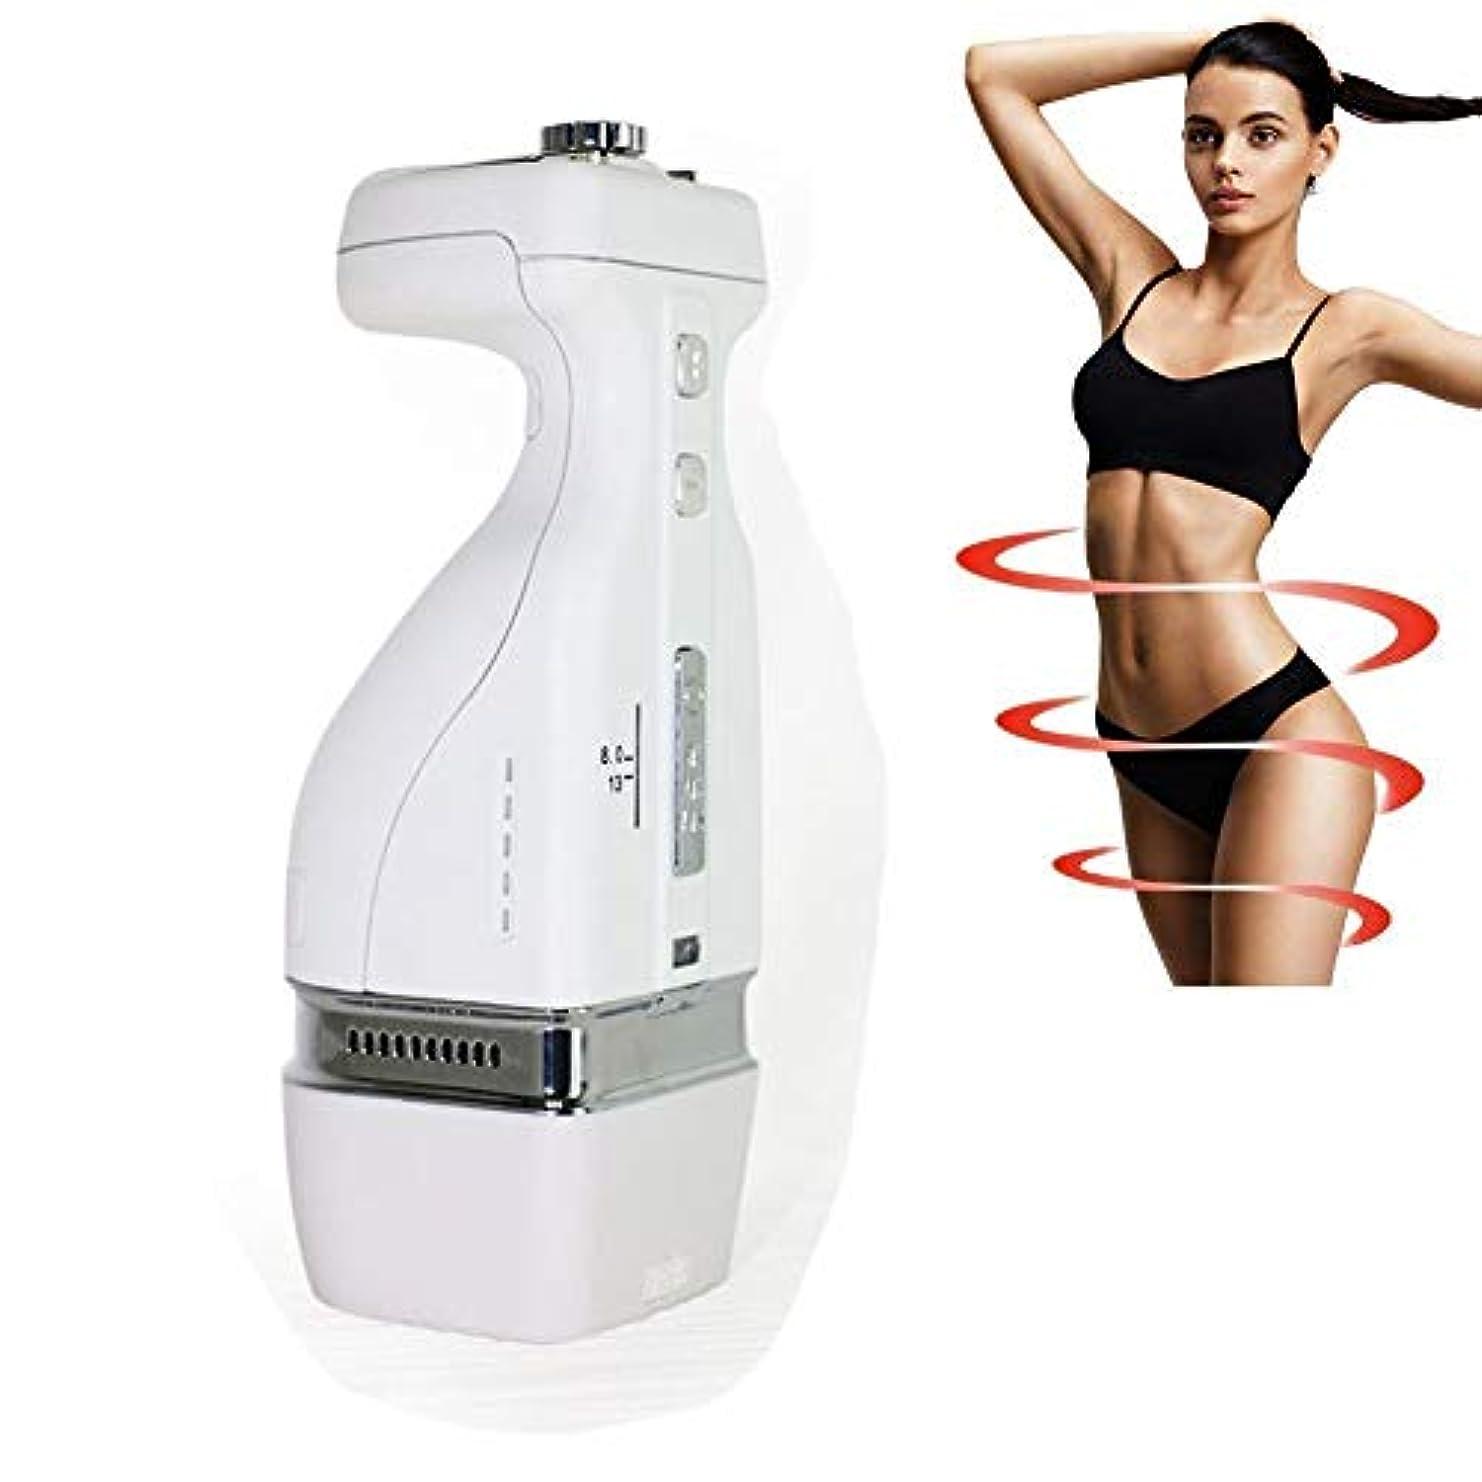 ミス昆虫共産主義者HIFU痩身ボディ腹脂肪除去マッサージャー2 in1便利な減量脂肪マシン家庭用フェイシャルビューティーサロン機器